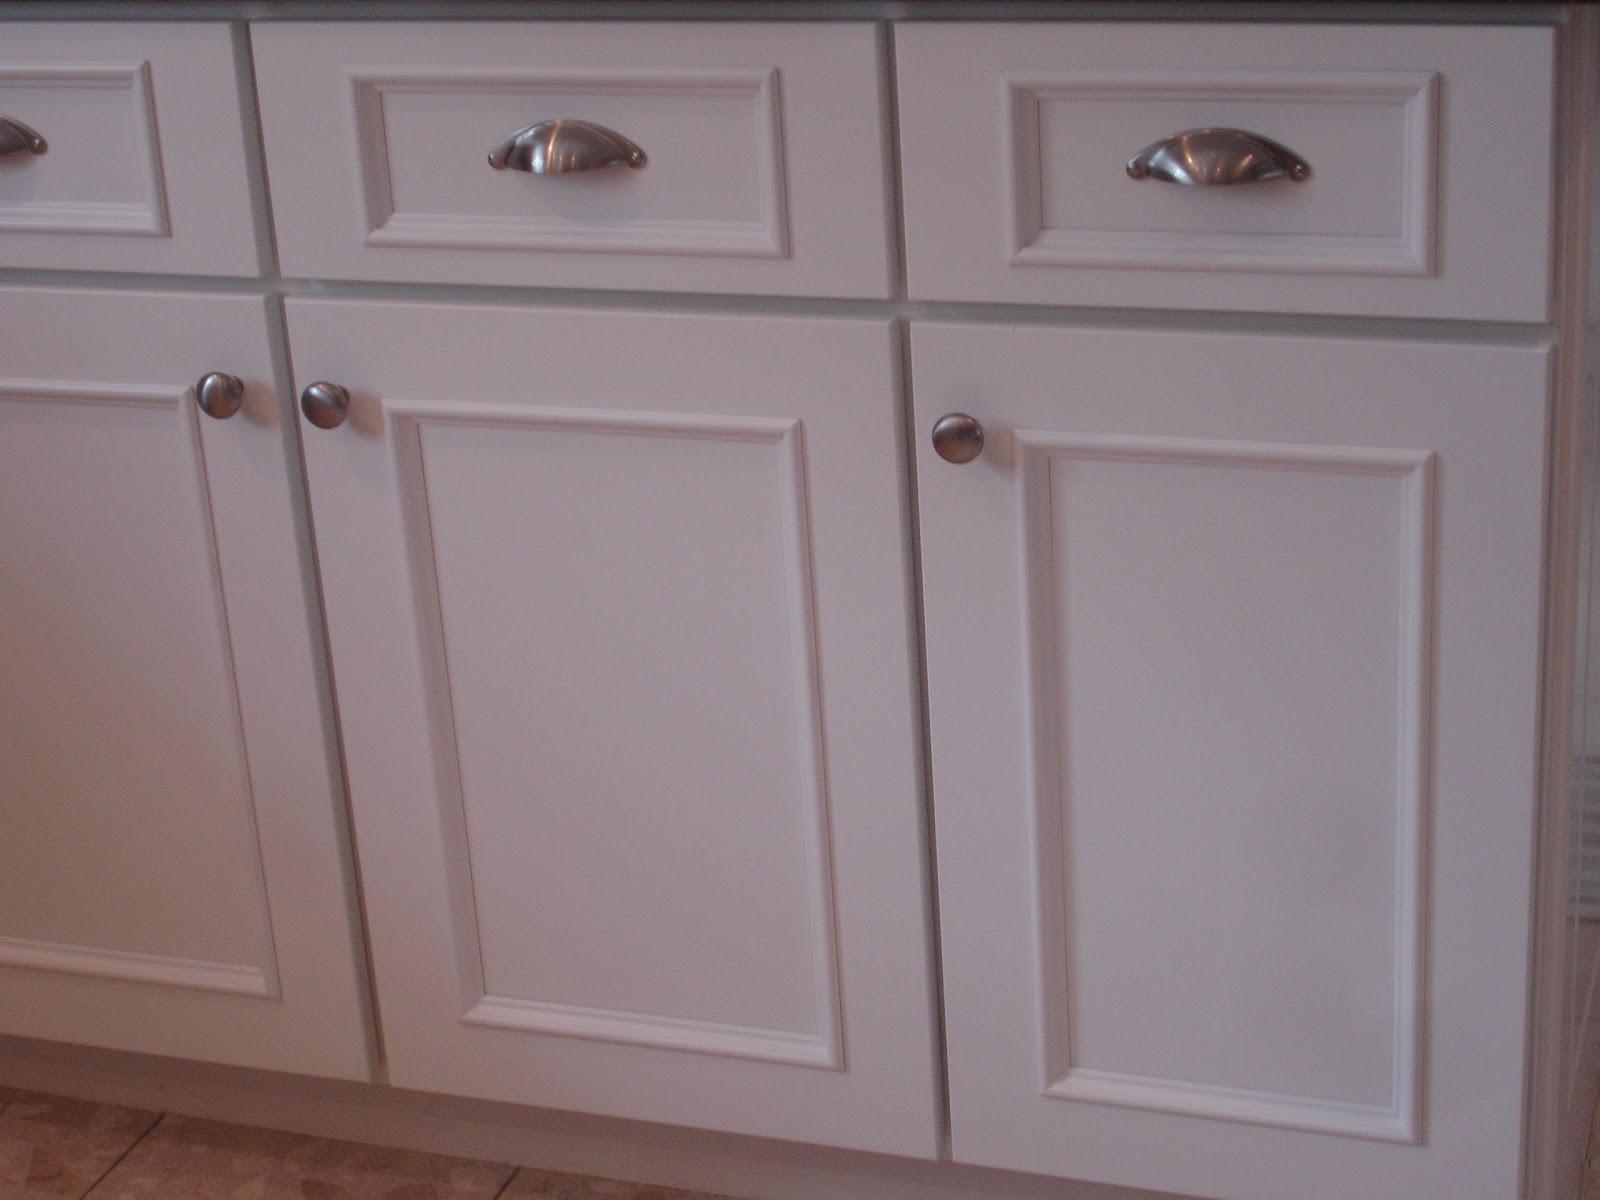 Kitchen Cabinet Door Hardware Vertical Shelf Dividers Installing Knobs On Doors